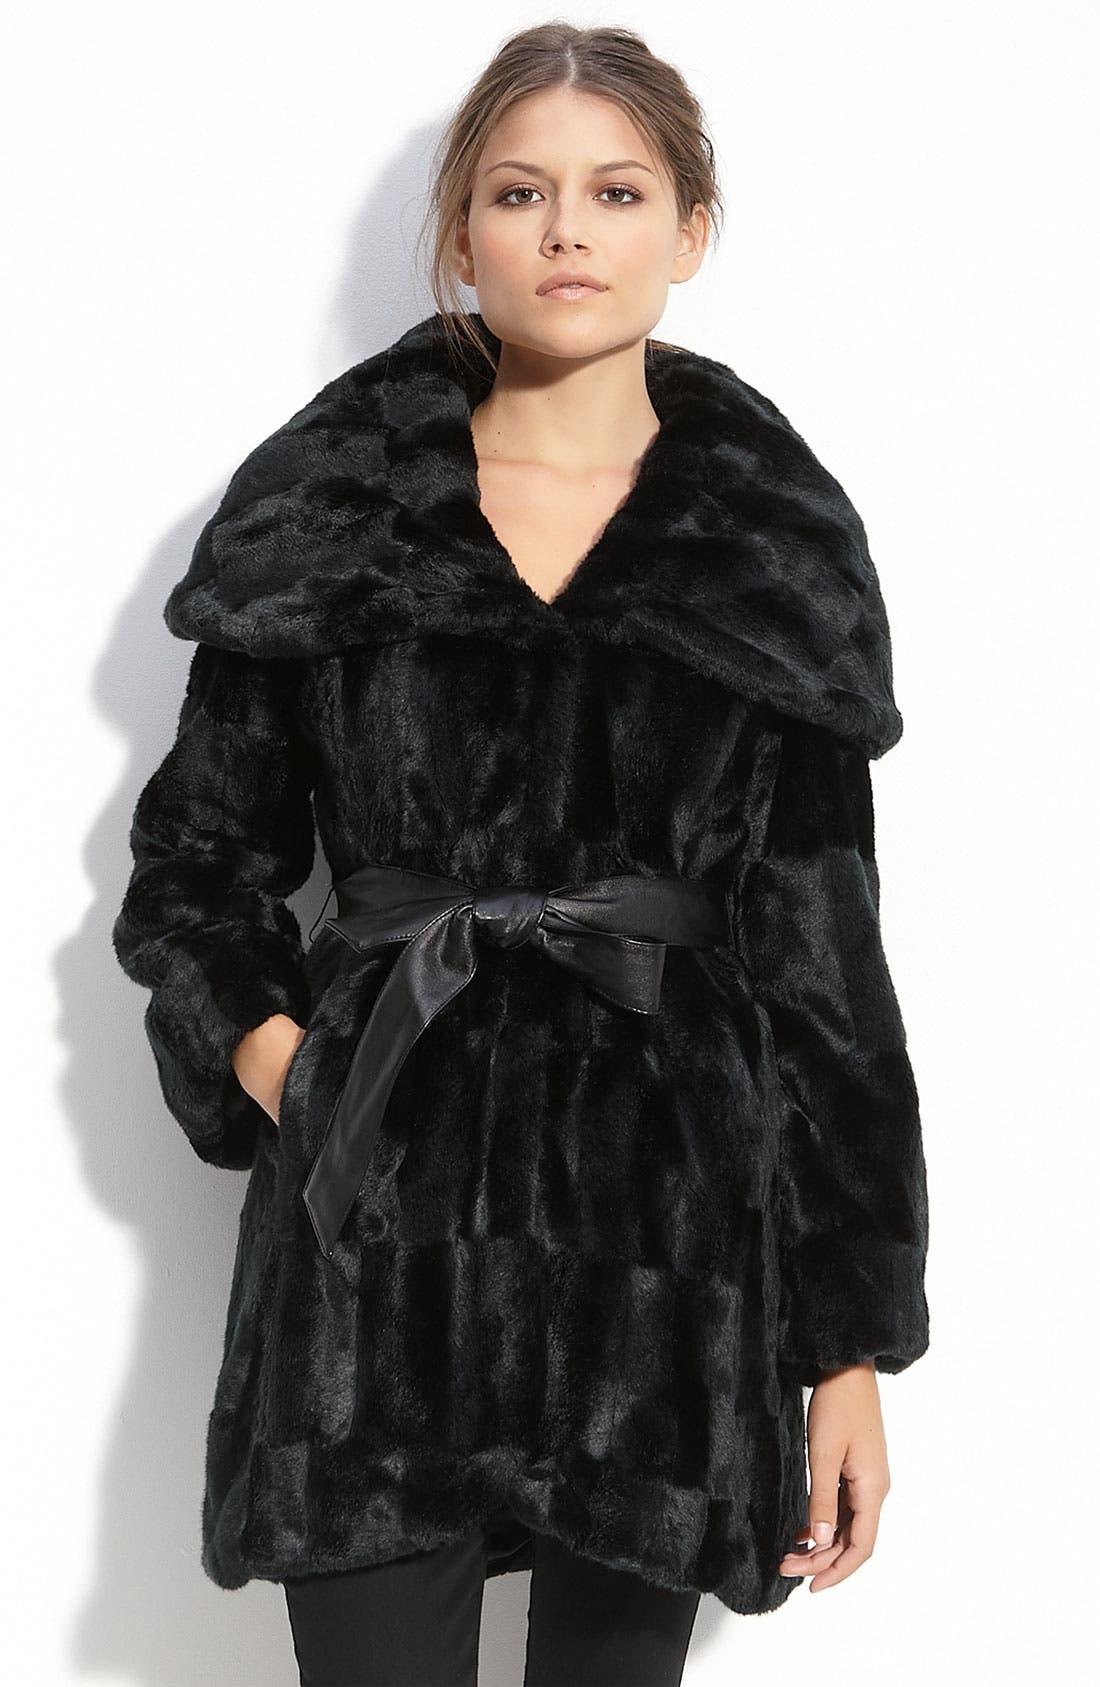 Alternate Image 1 Selected - Tahari Hooded Faux Fur Coat